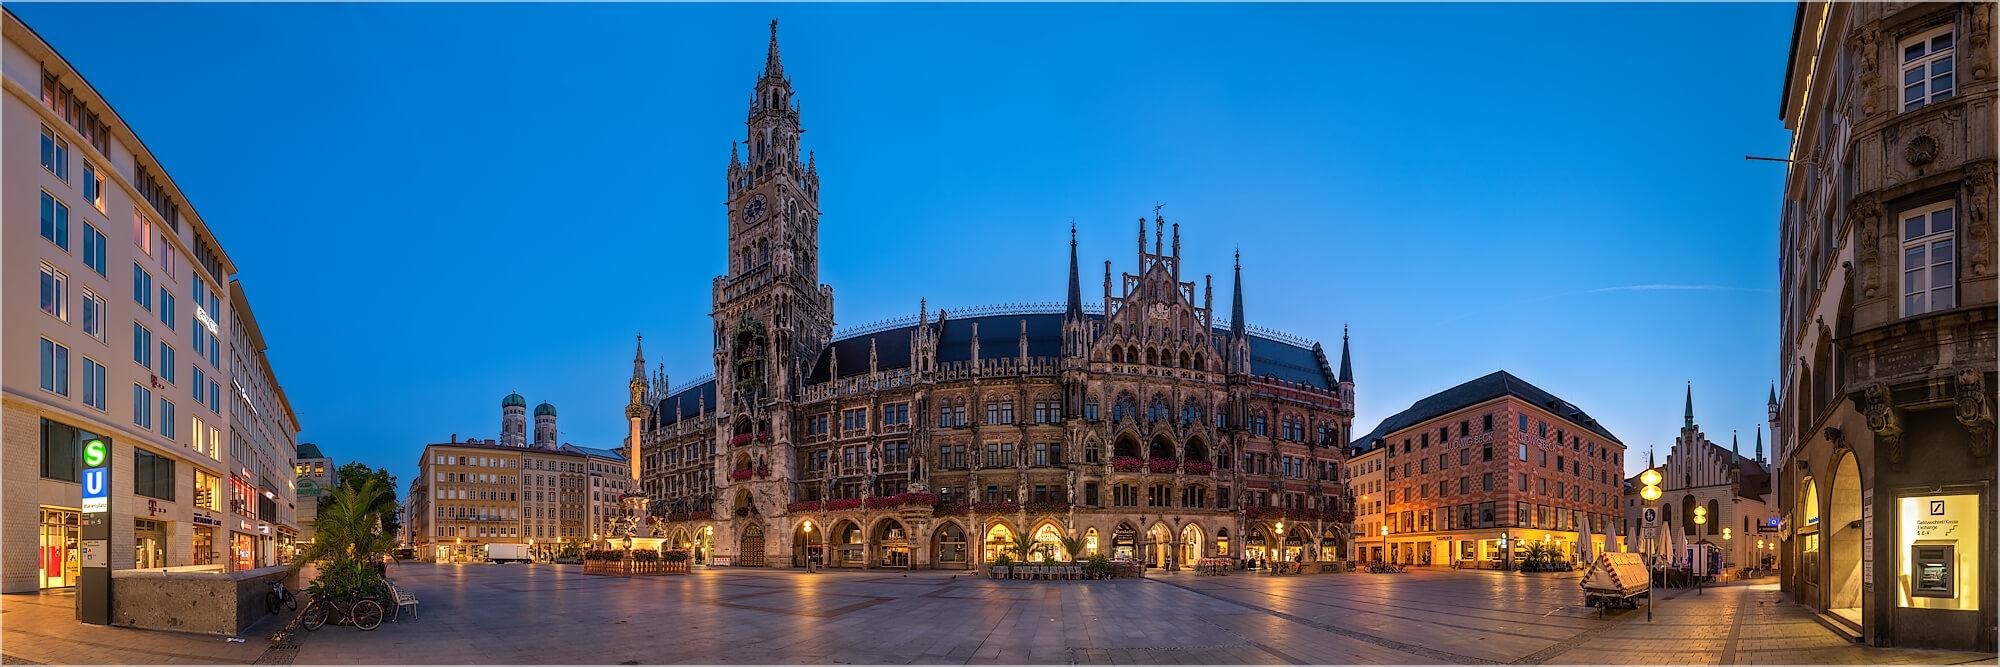 Panoramafoto München Münchner Marienplatz